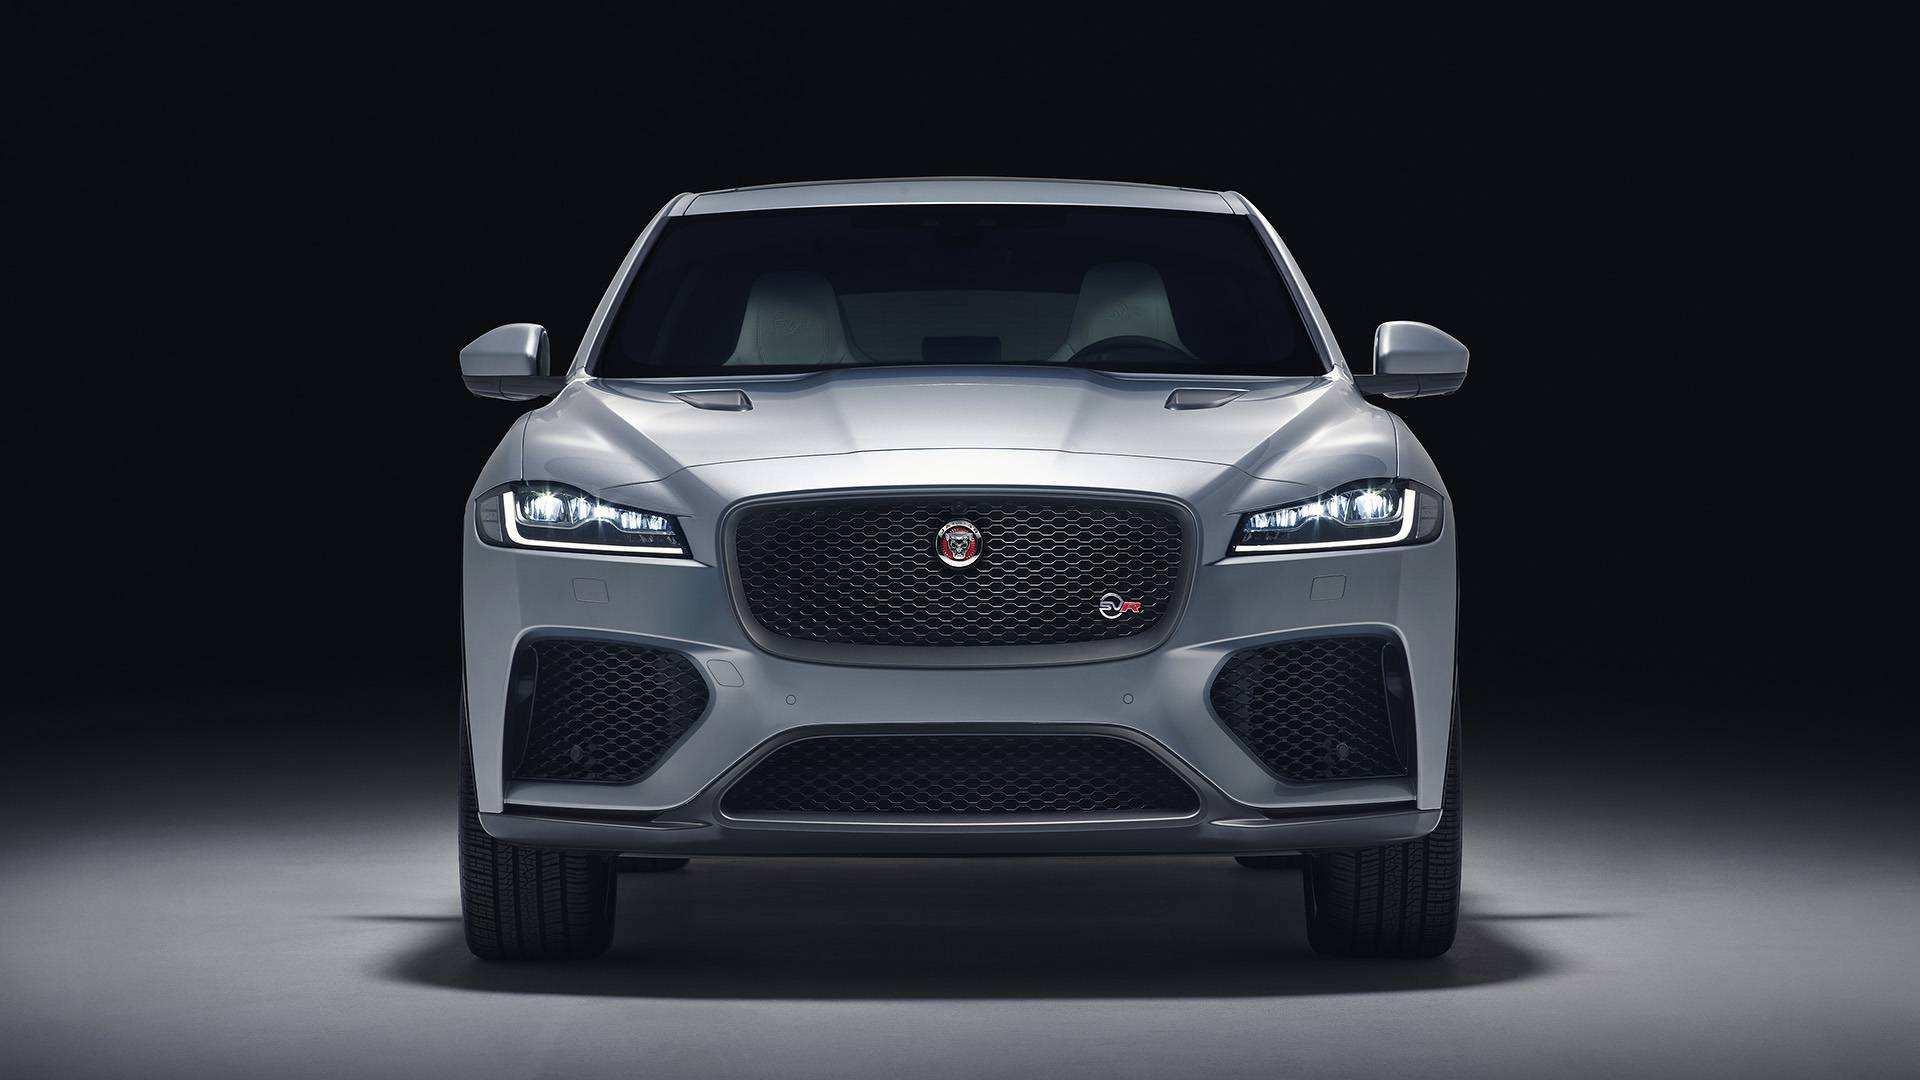 66 New Jaguar F Pace Facelift 2020 History with Jaguar F Pace Facelift 2020